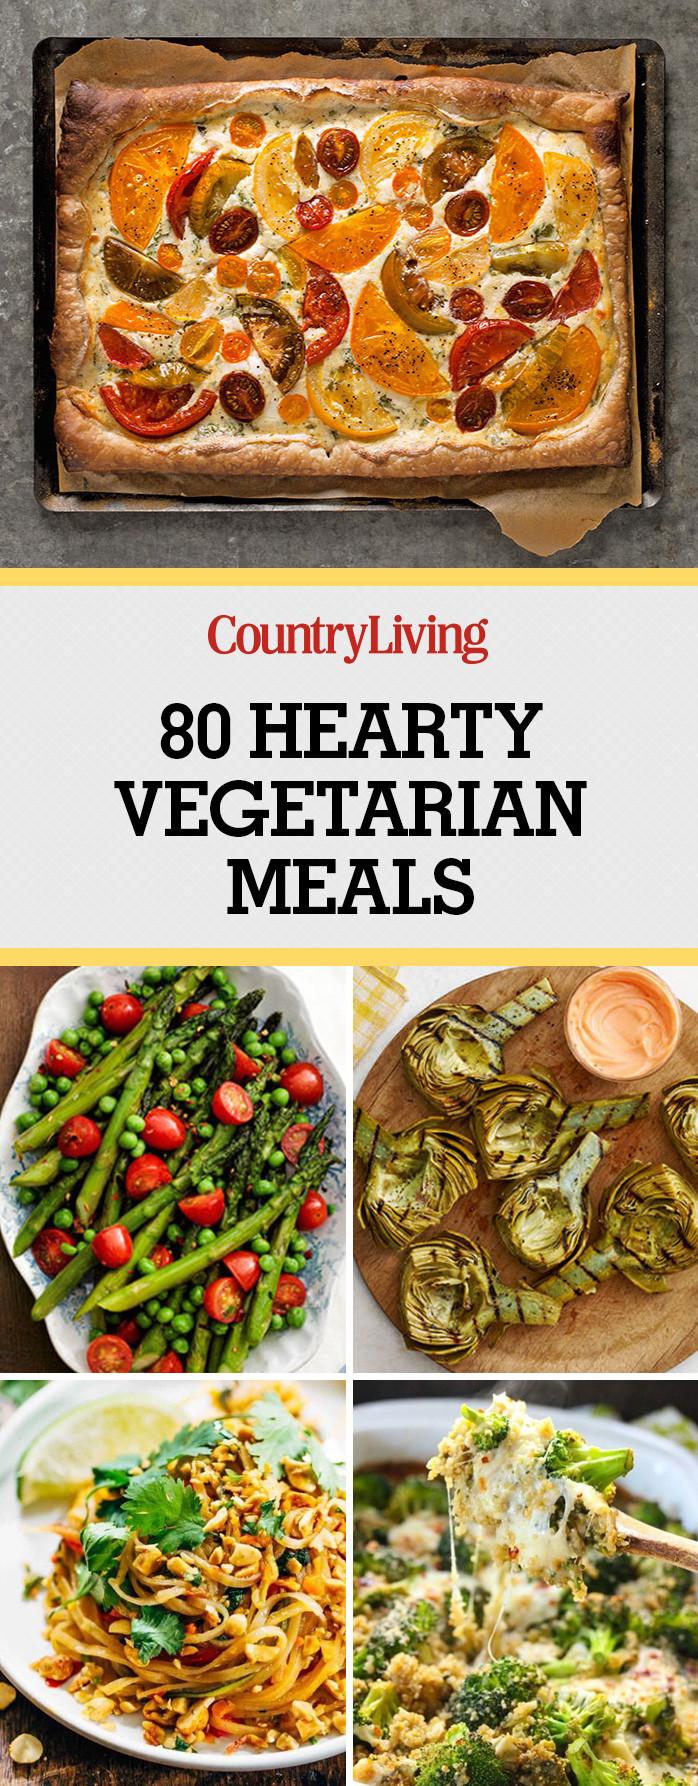 Easy Vegan Dinner  80 Easy Ve arian Dinner Recipes Best Ve arian Meal